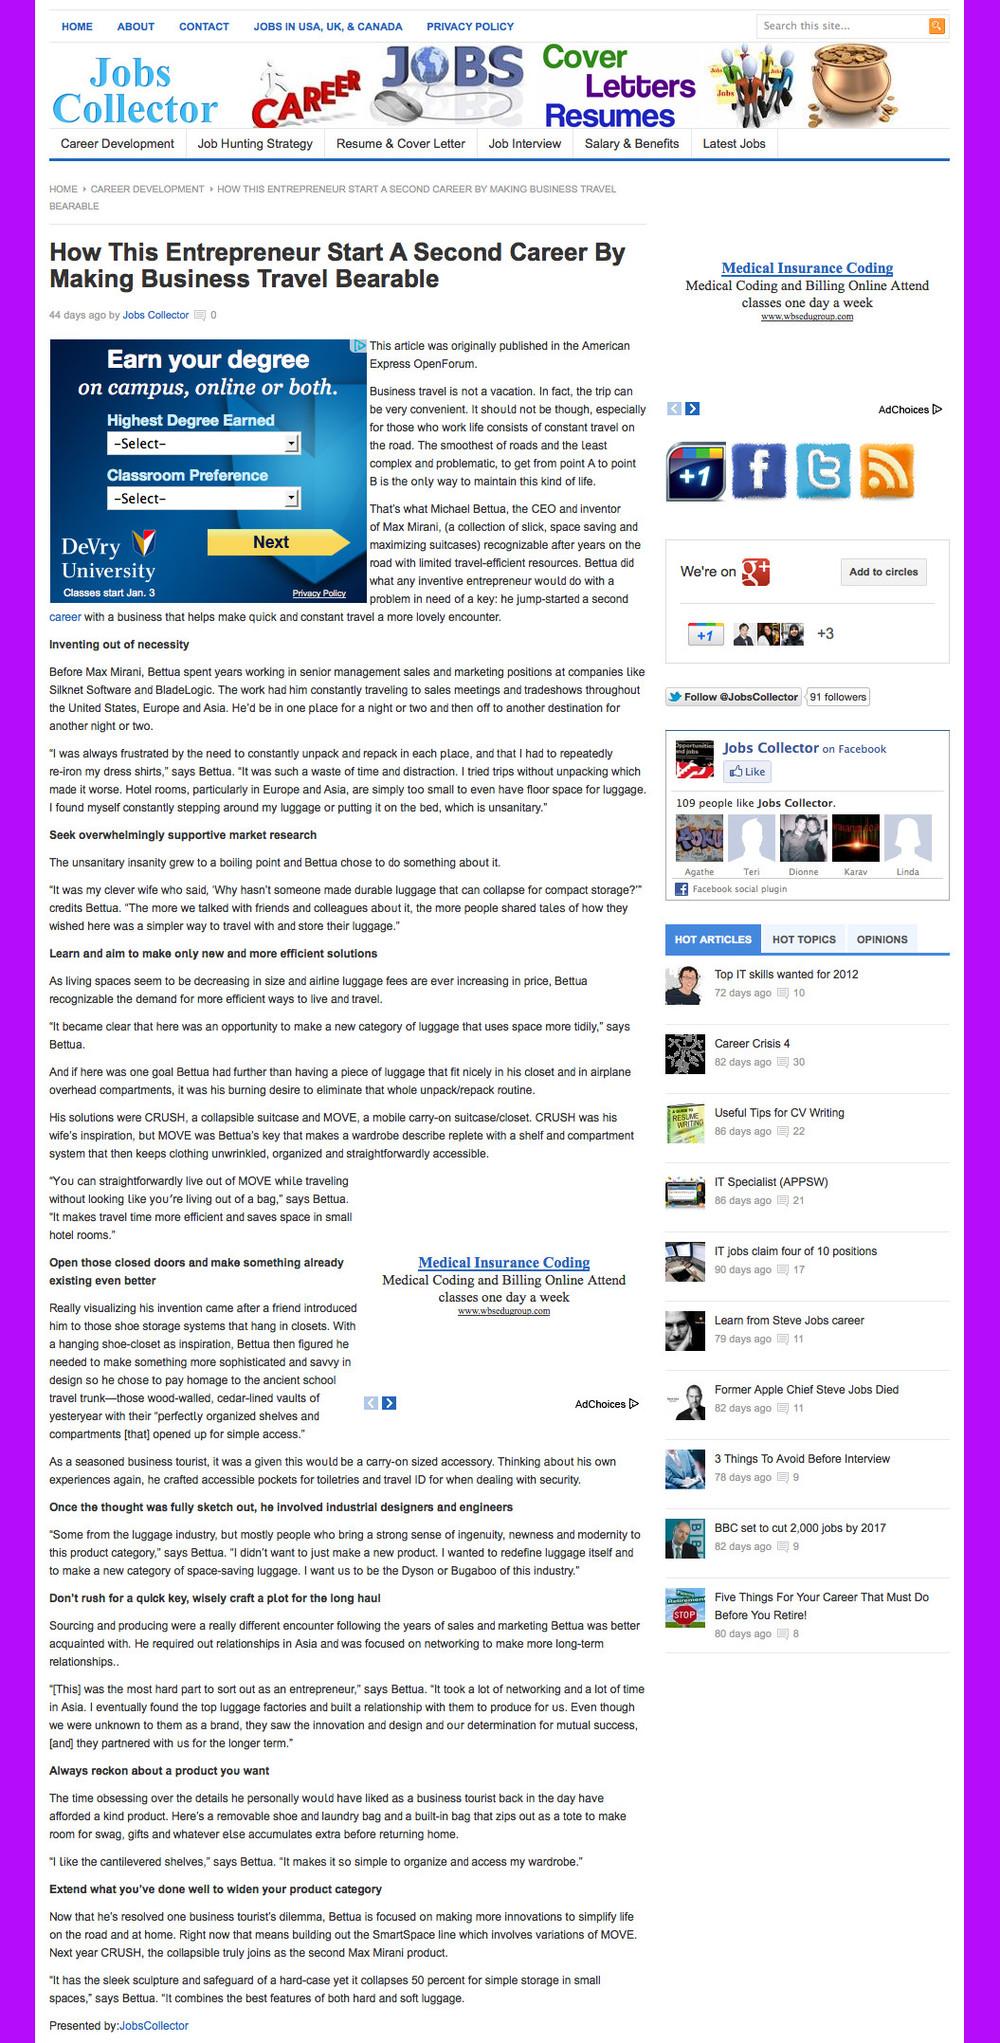 jobscollector_mirani_10-15-11.jpg